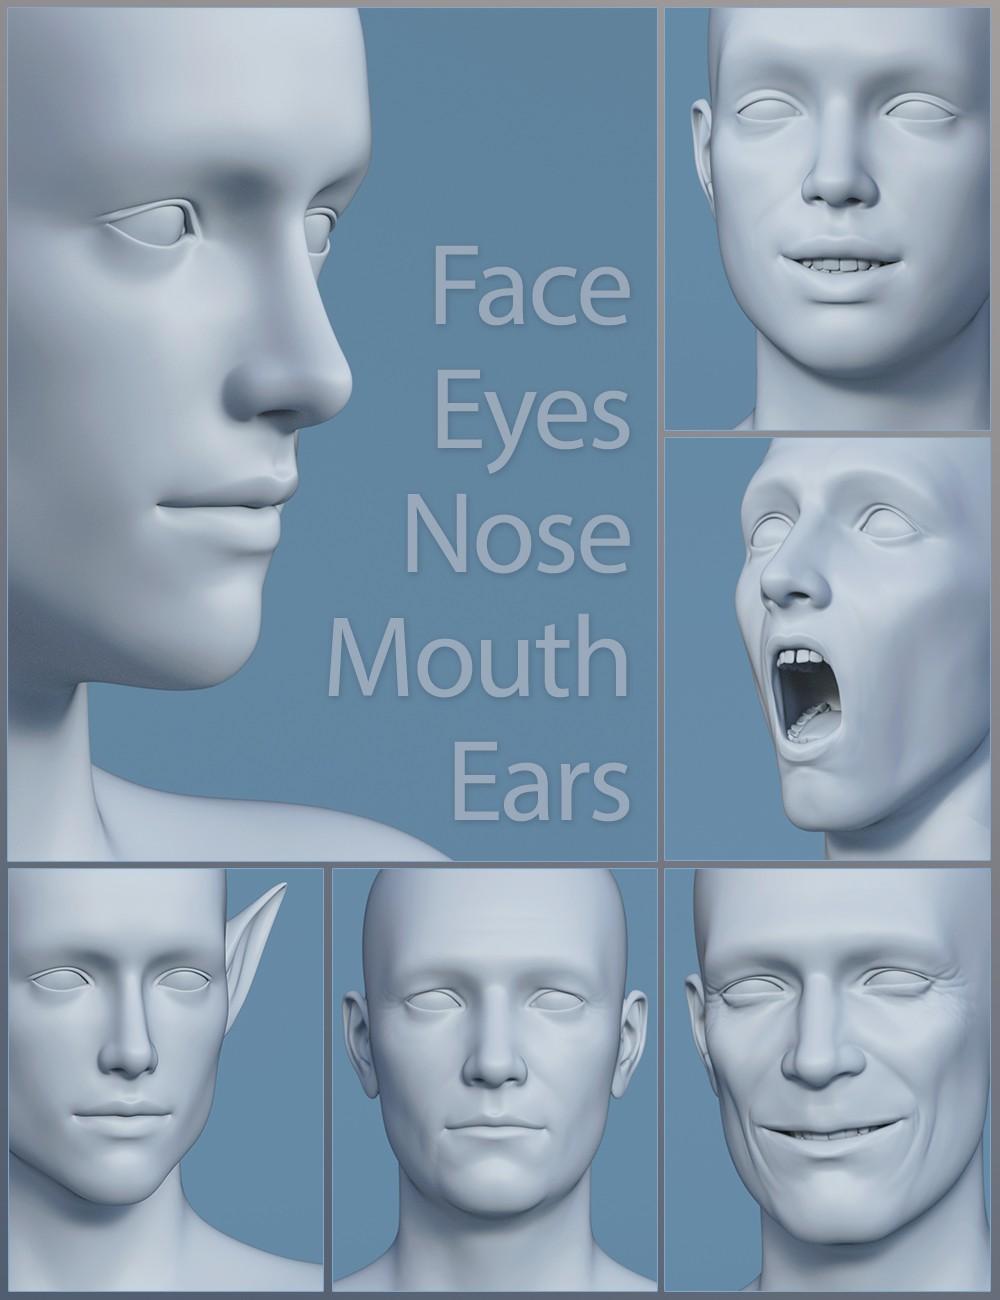 Genesis 8 Male Head Morphs